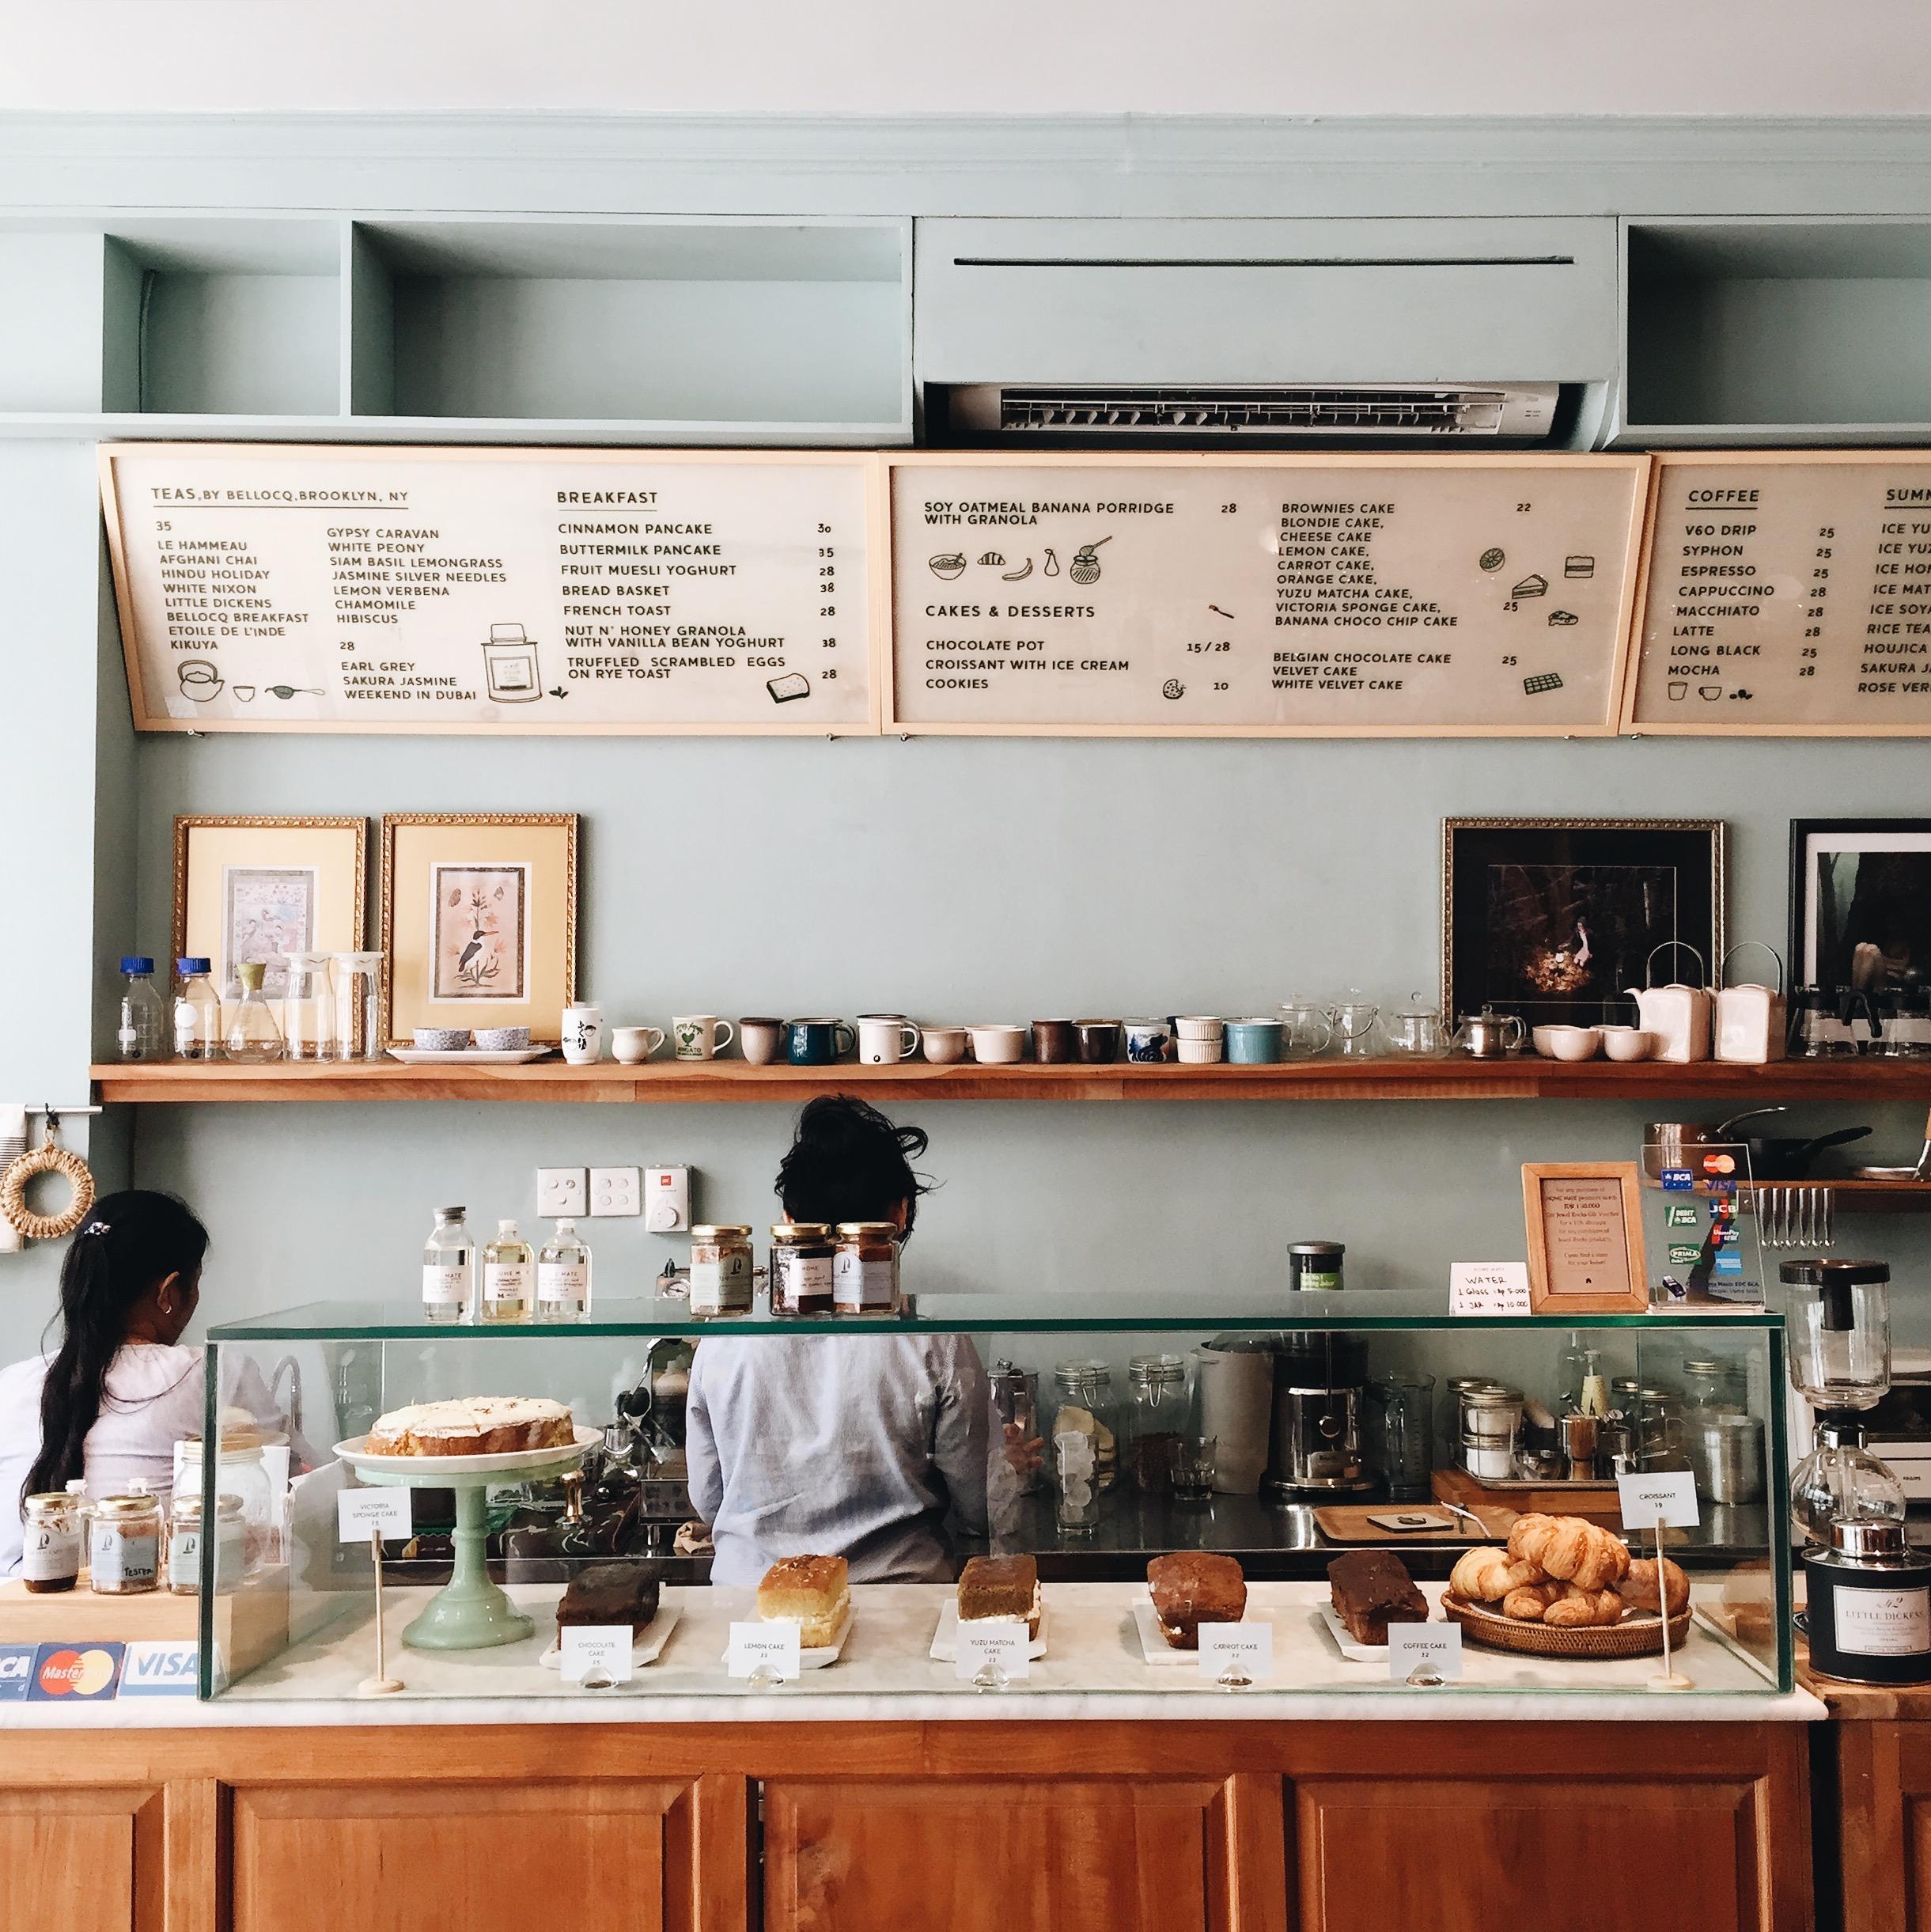 Chic cafés abound in Seminyak.